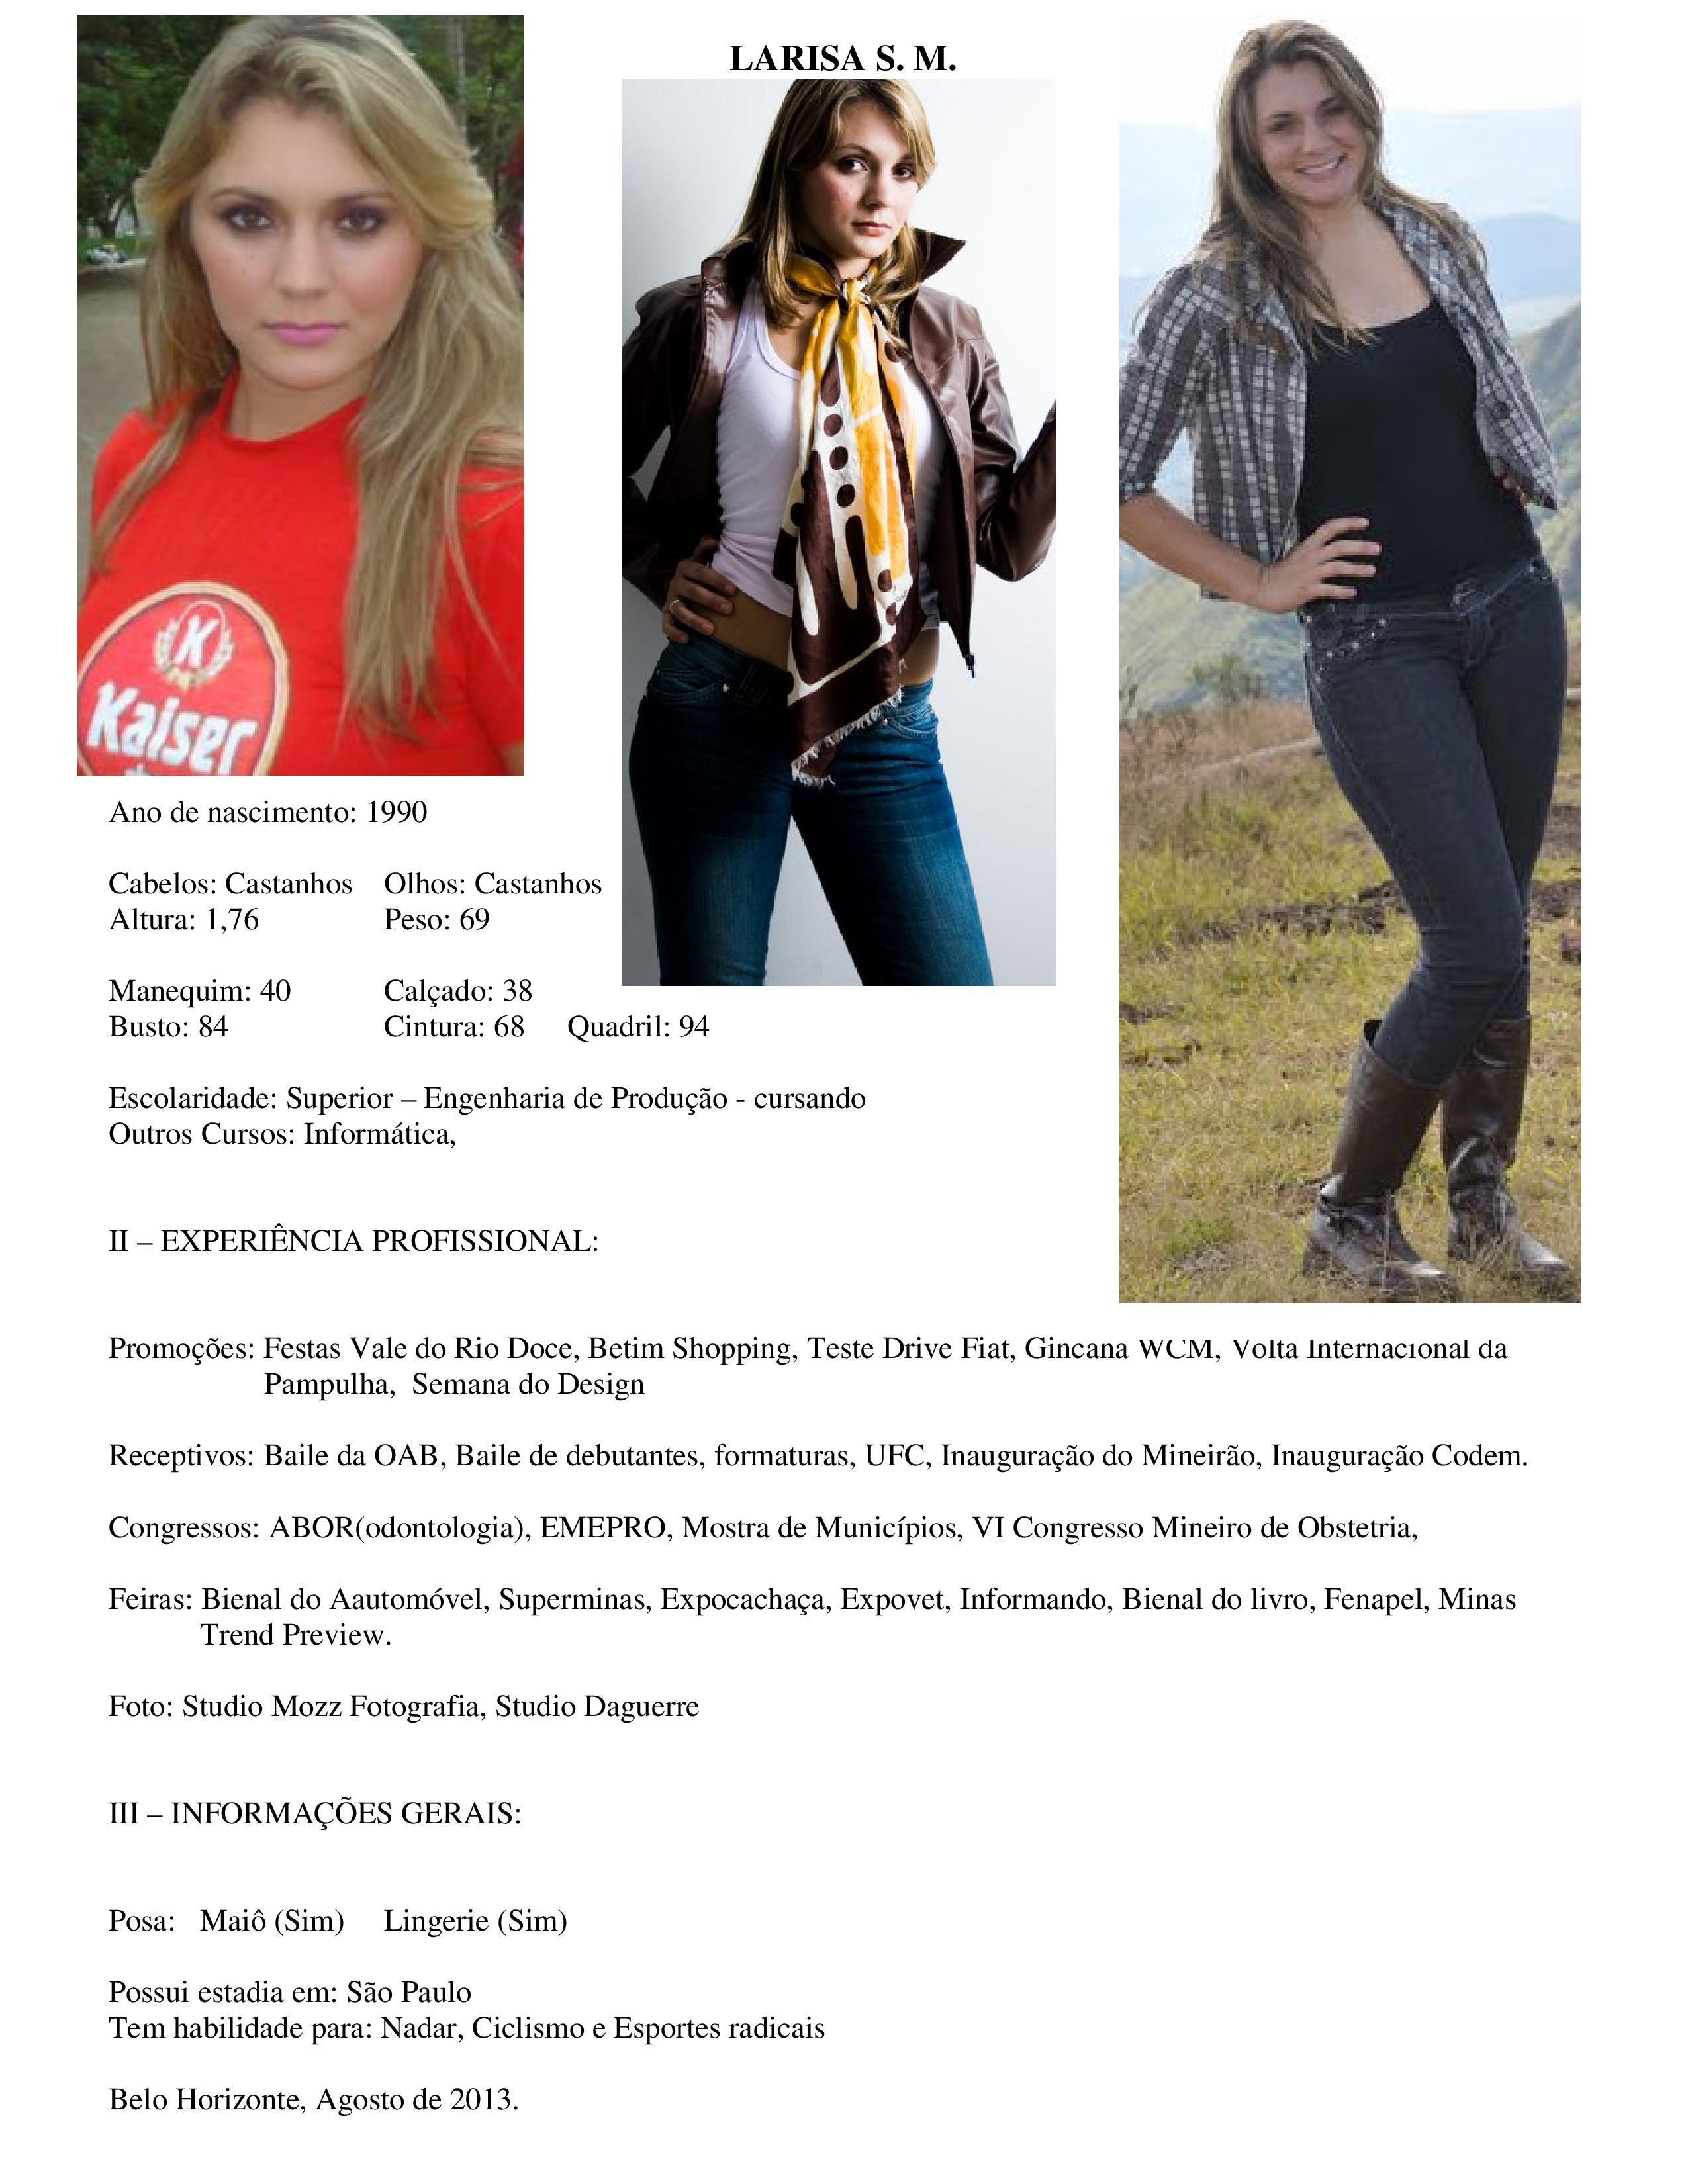 Larissa Melo-page-001